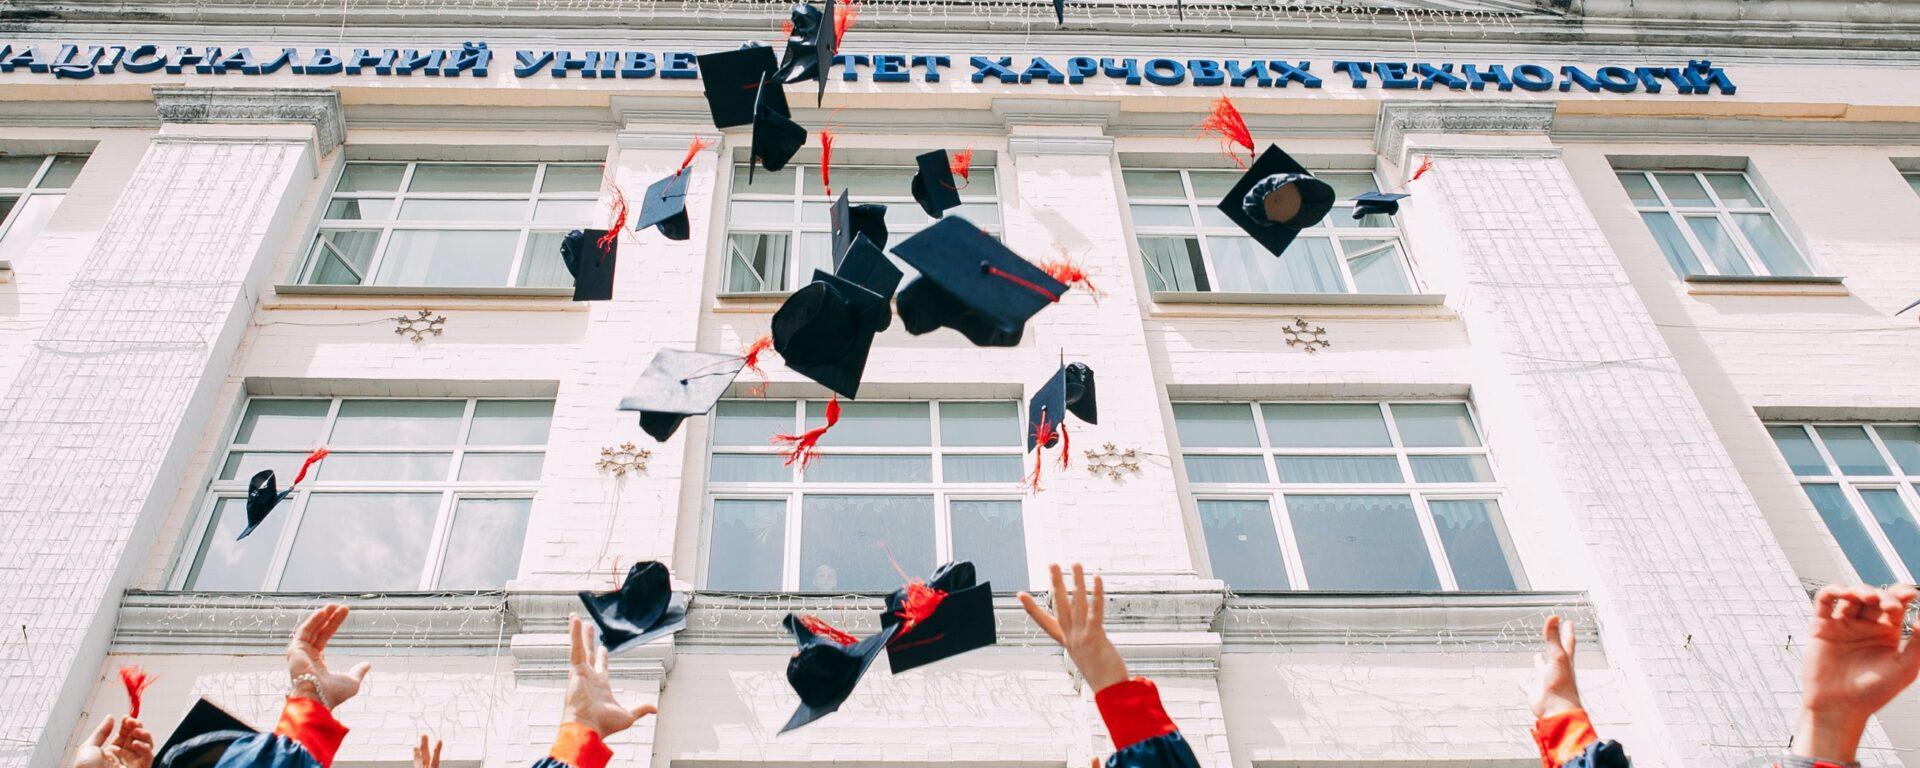 Graduates throwing caps in air